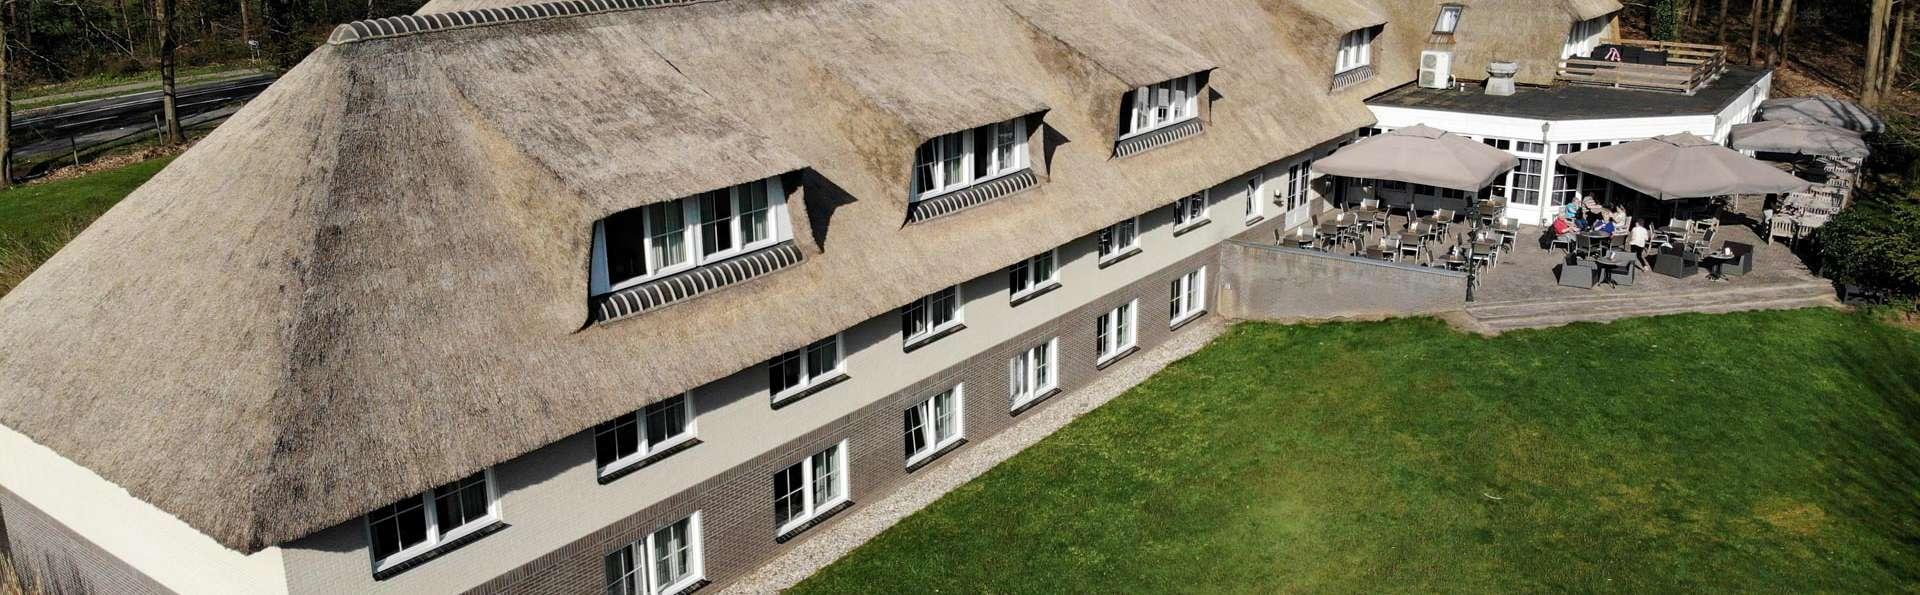 Landhuishotel de Herikerberg - EDIT_AERIAL_02.jpg